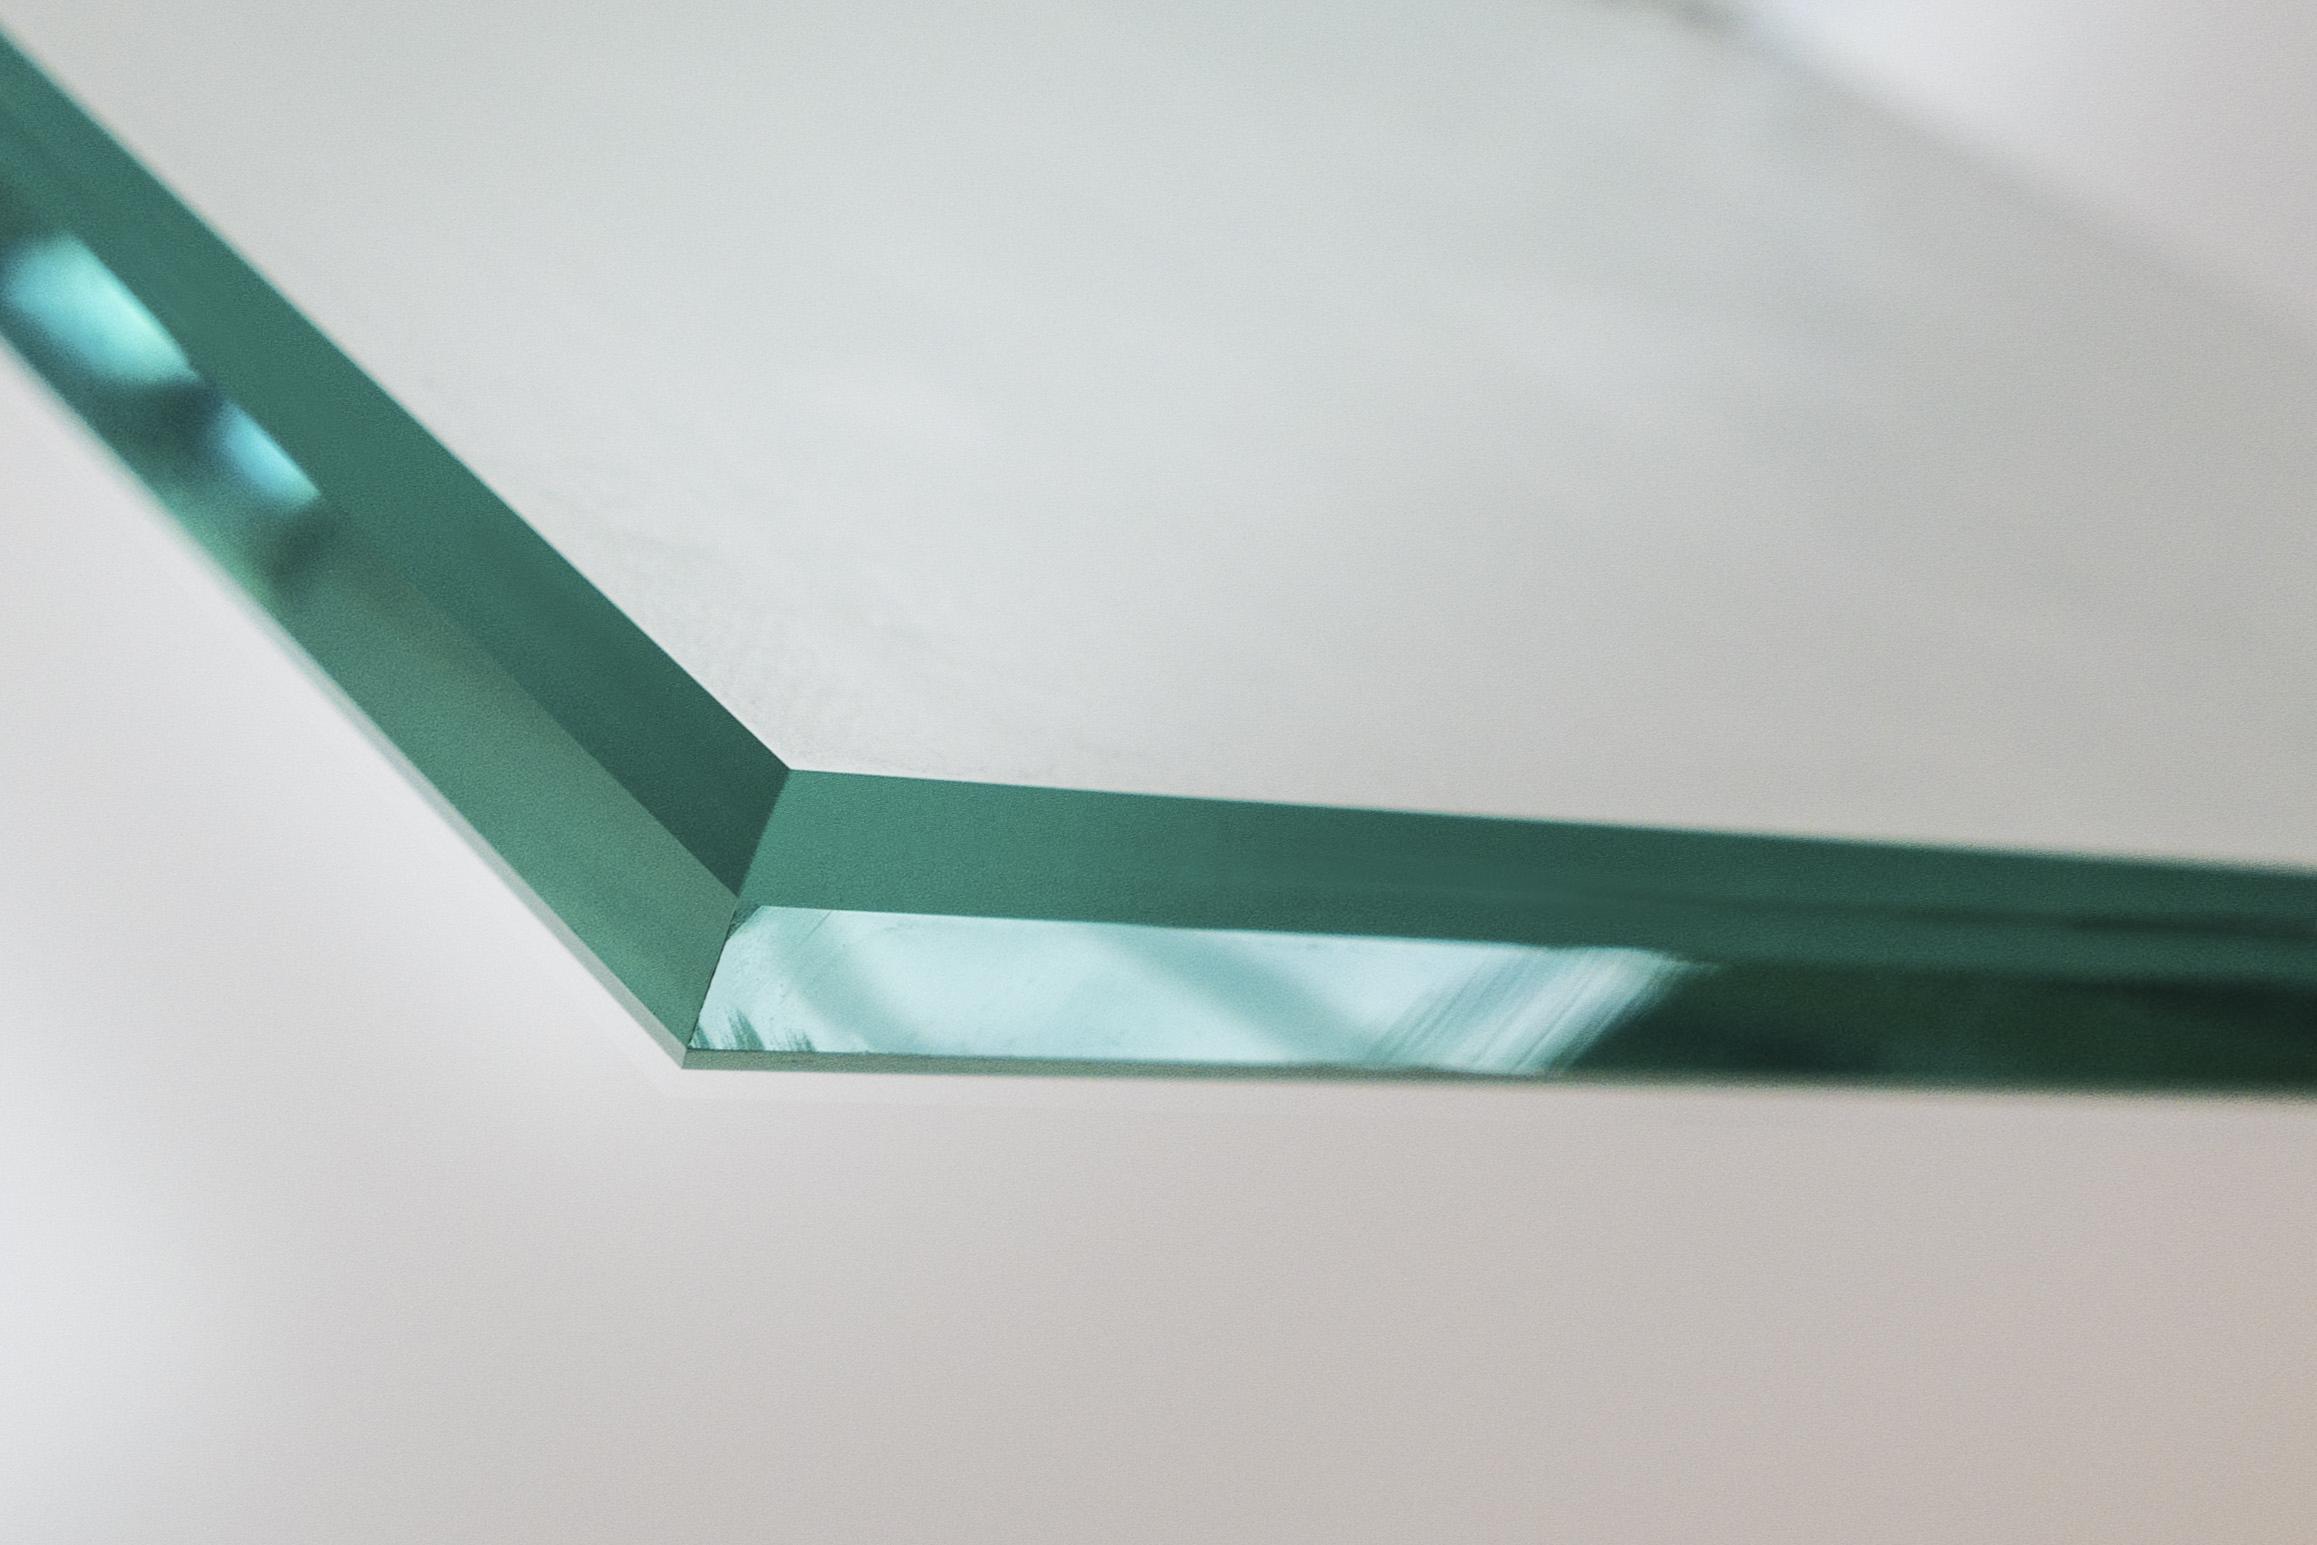 Esg Glas Bestellen ~ Esg glasscheiben in ihrem wunschmaß jetzt ab u ac esg glas